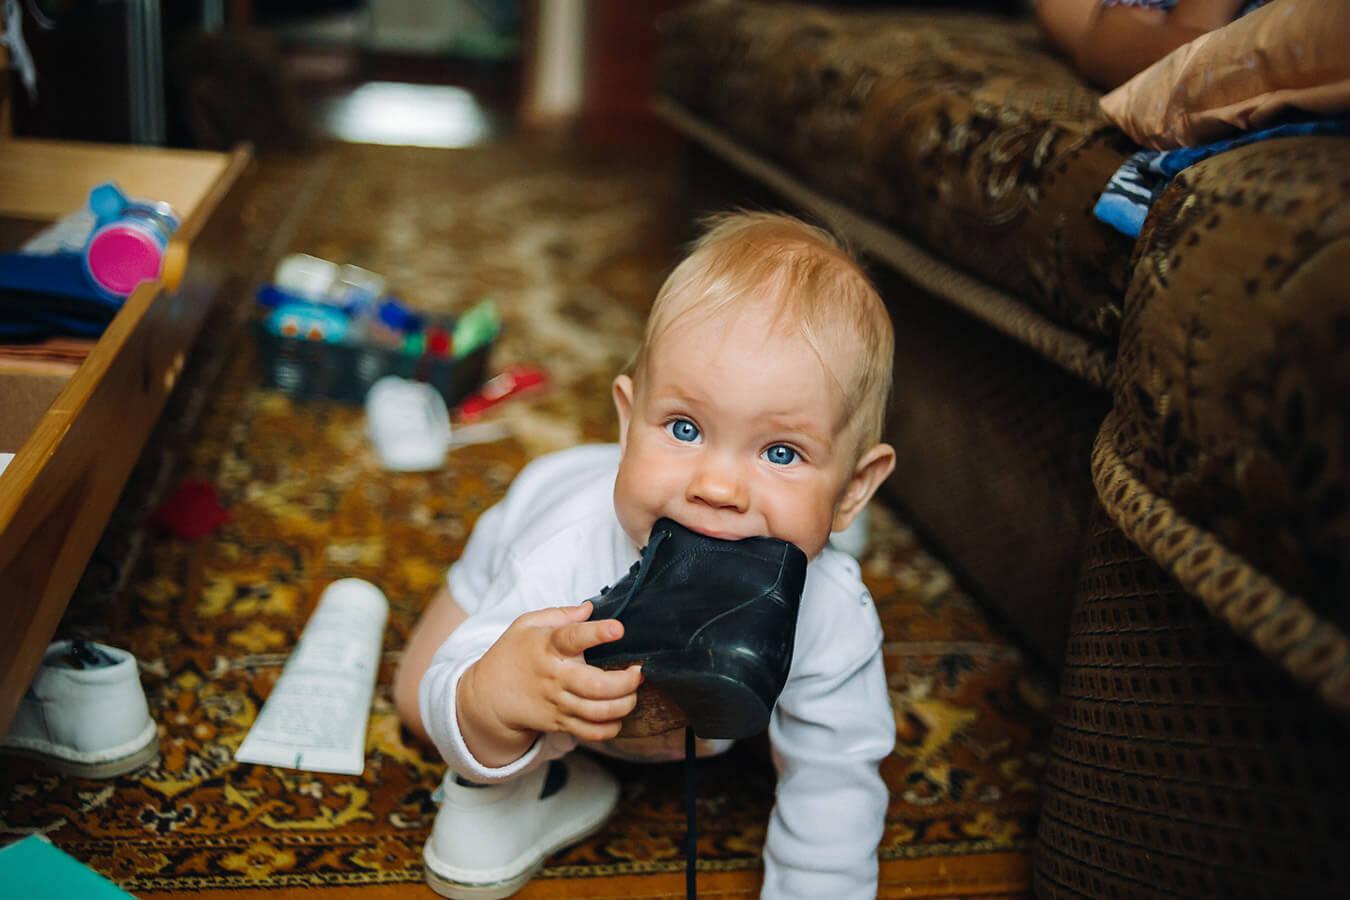 23 tygodniowe dziecko – Jak wygląda 23 tydzień życia dziecka?